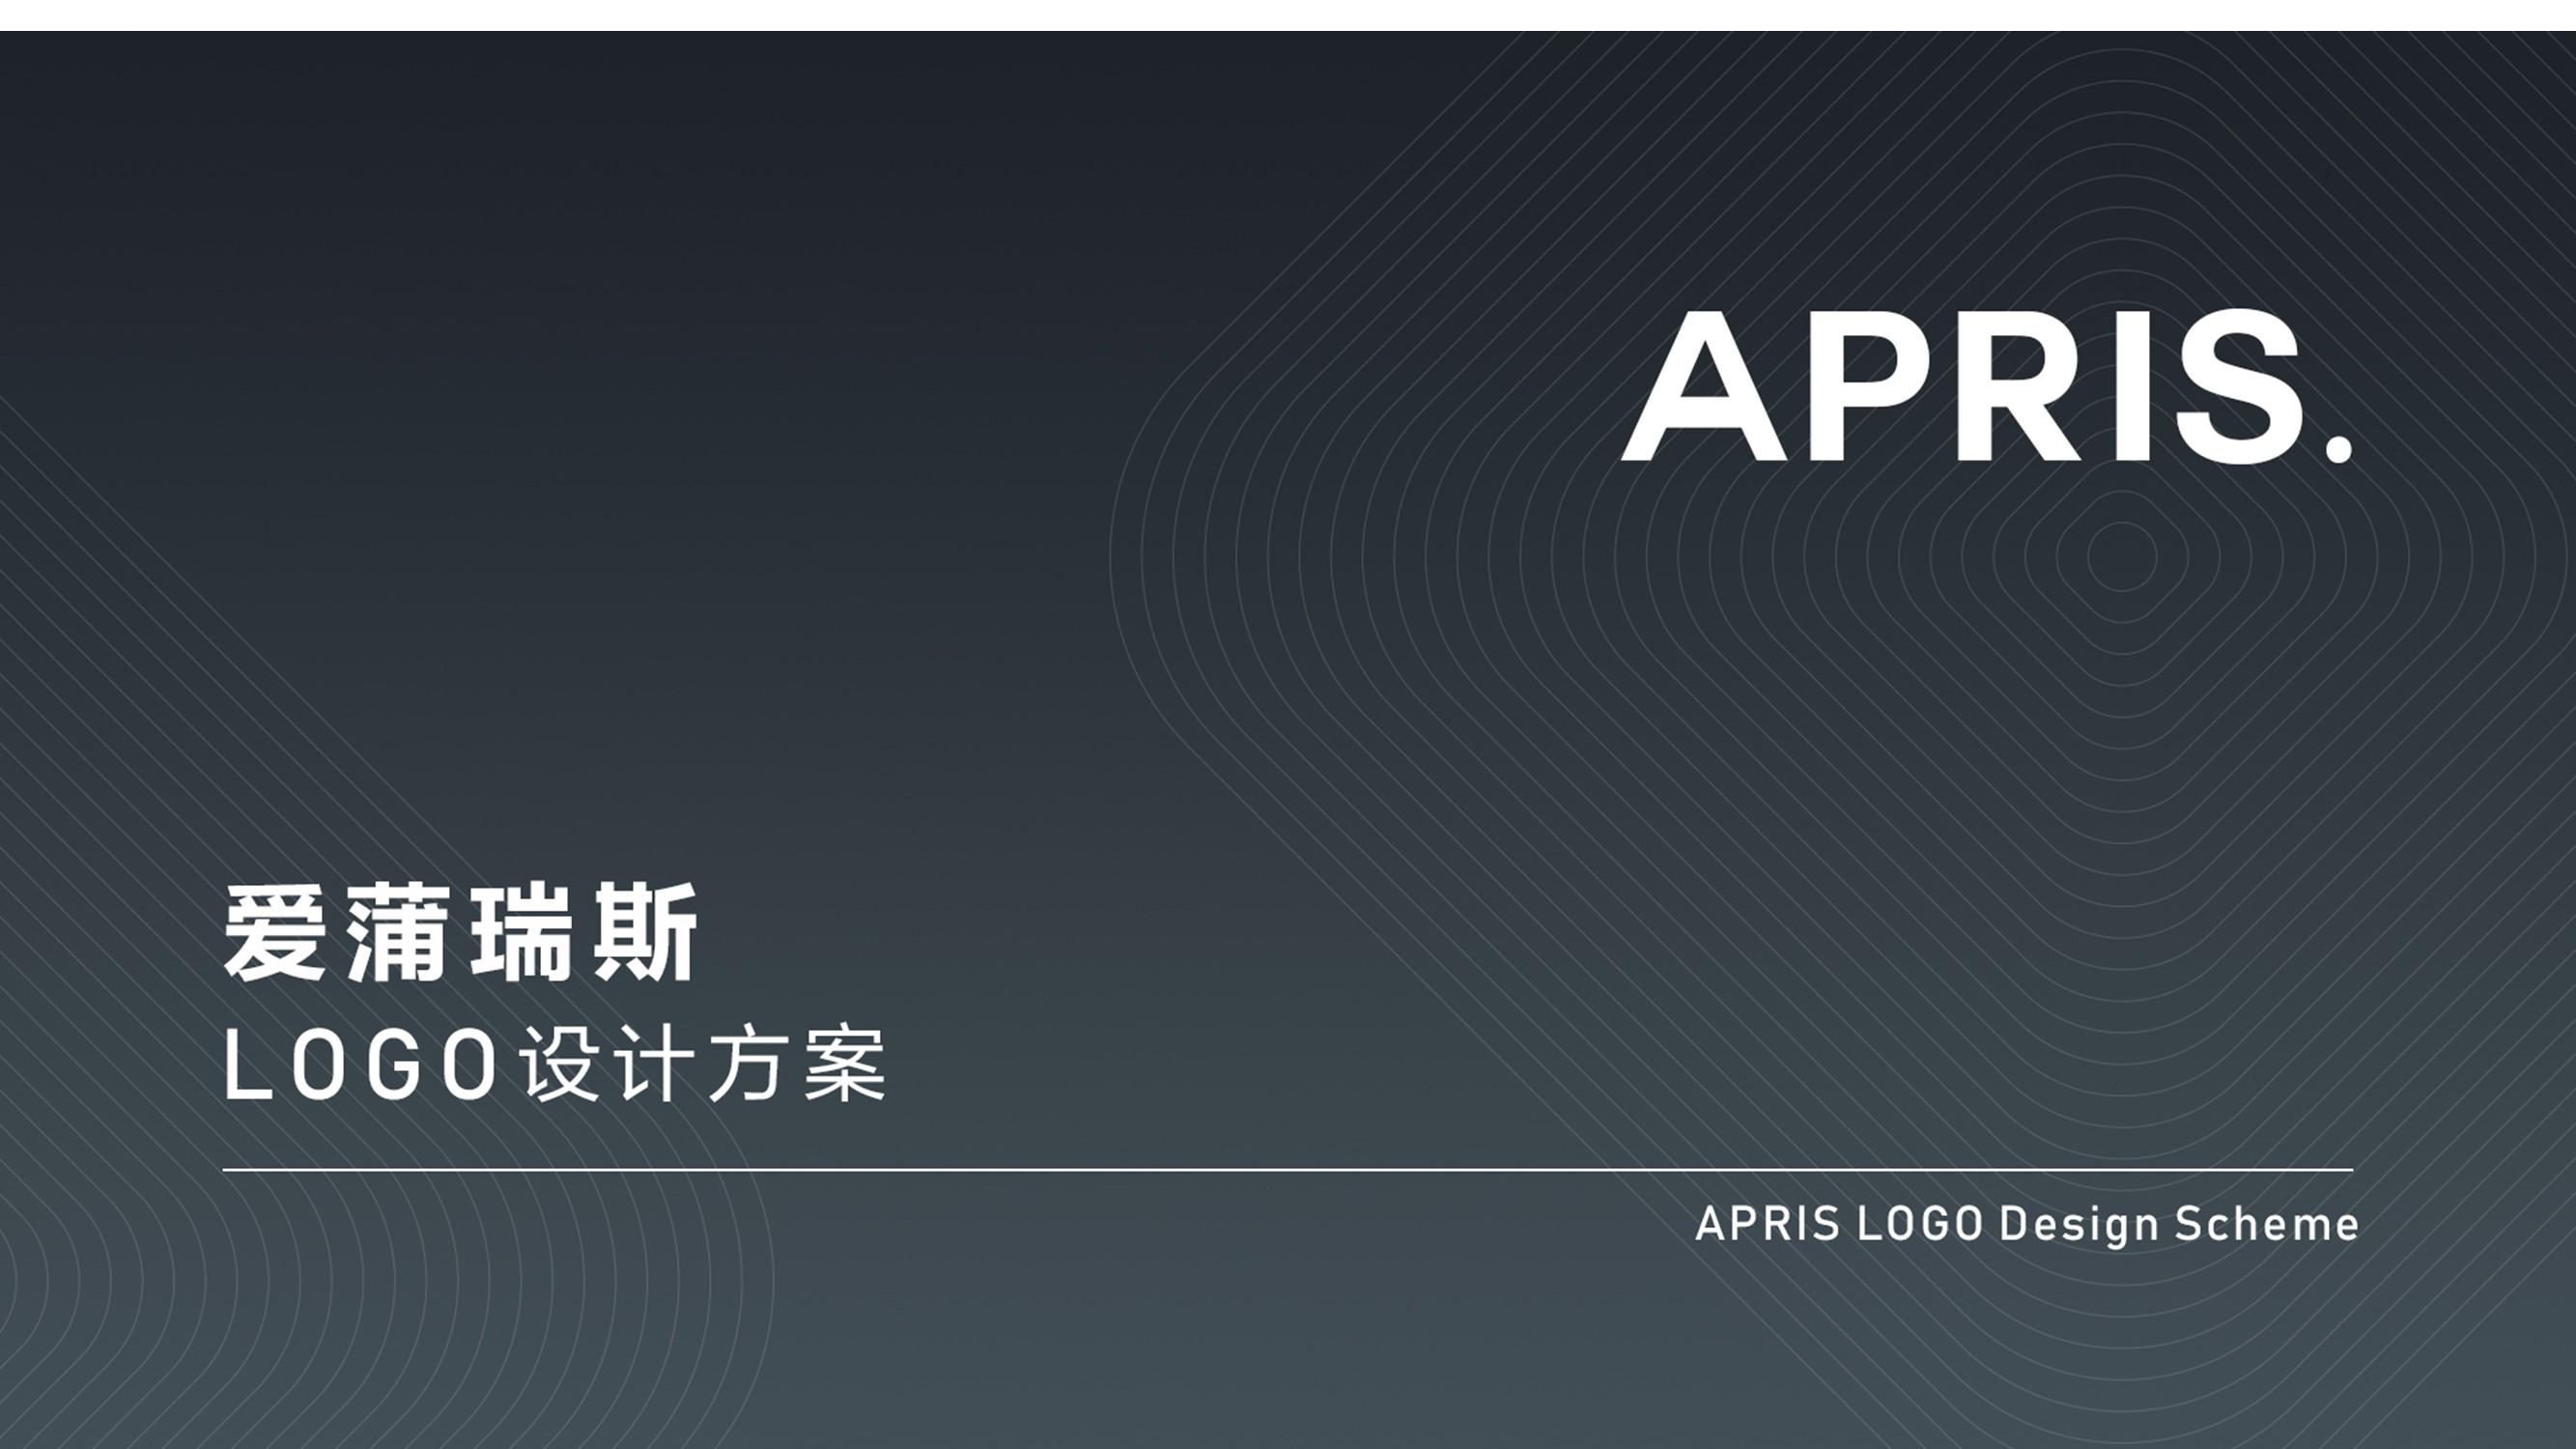 安徽天地精华股份有限公司1